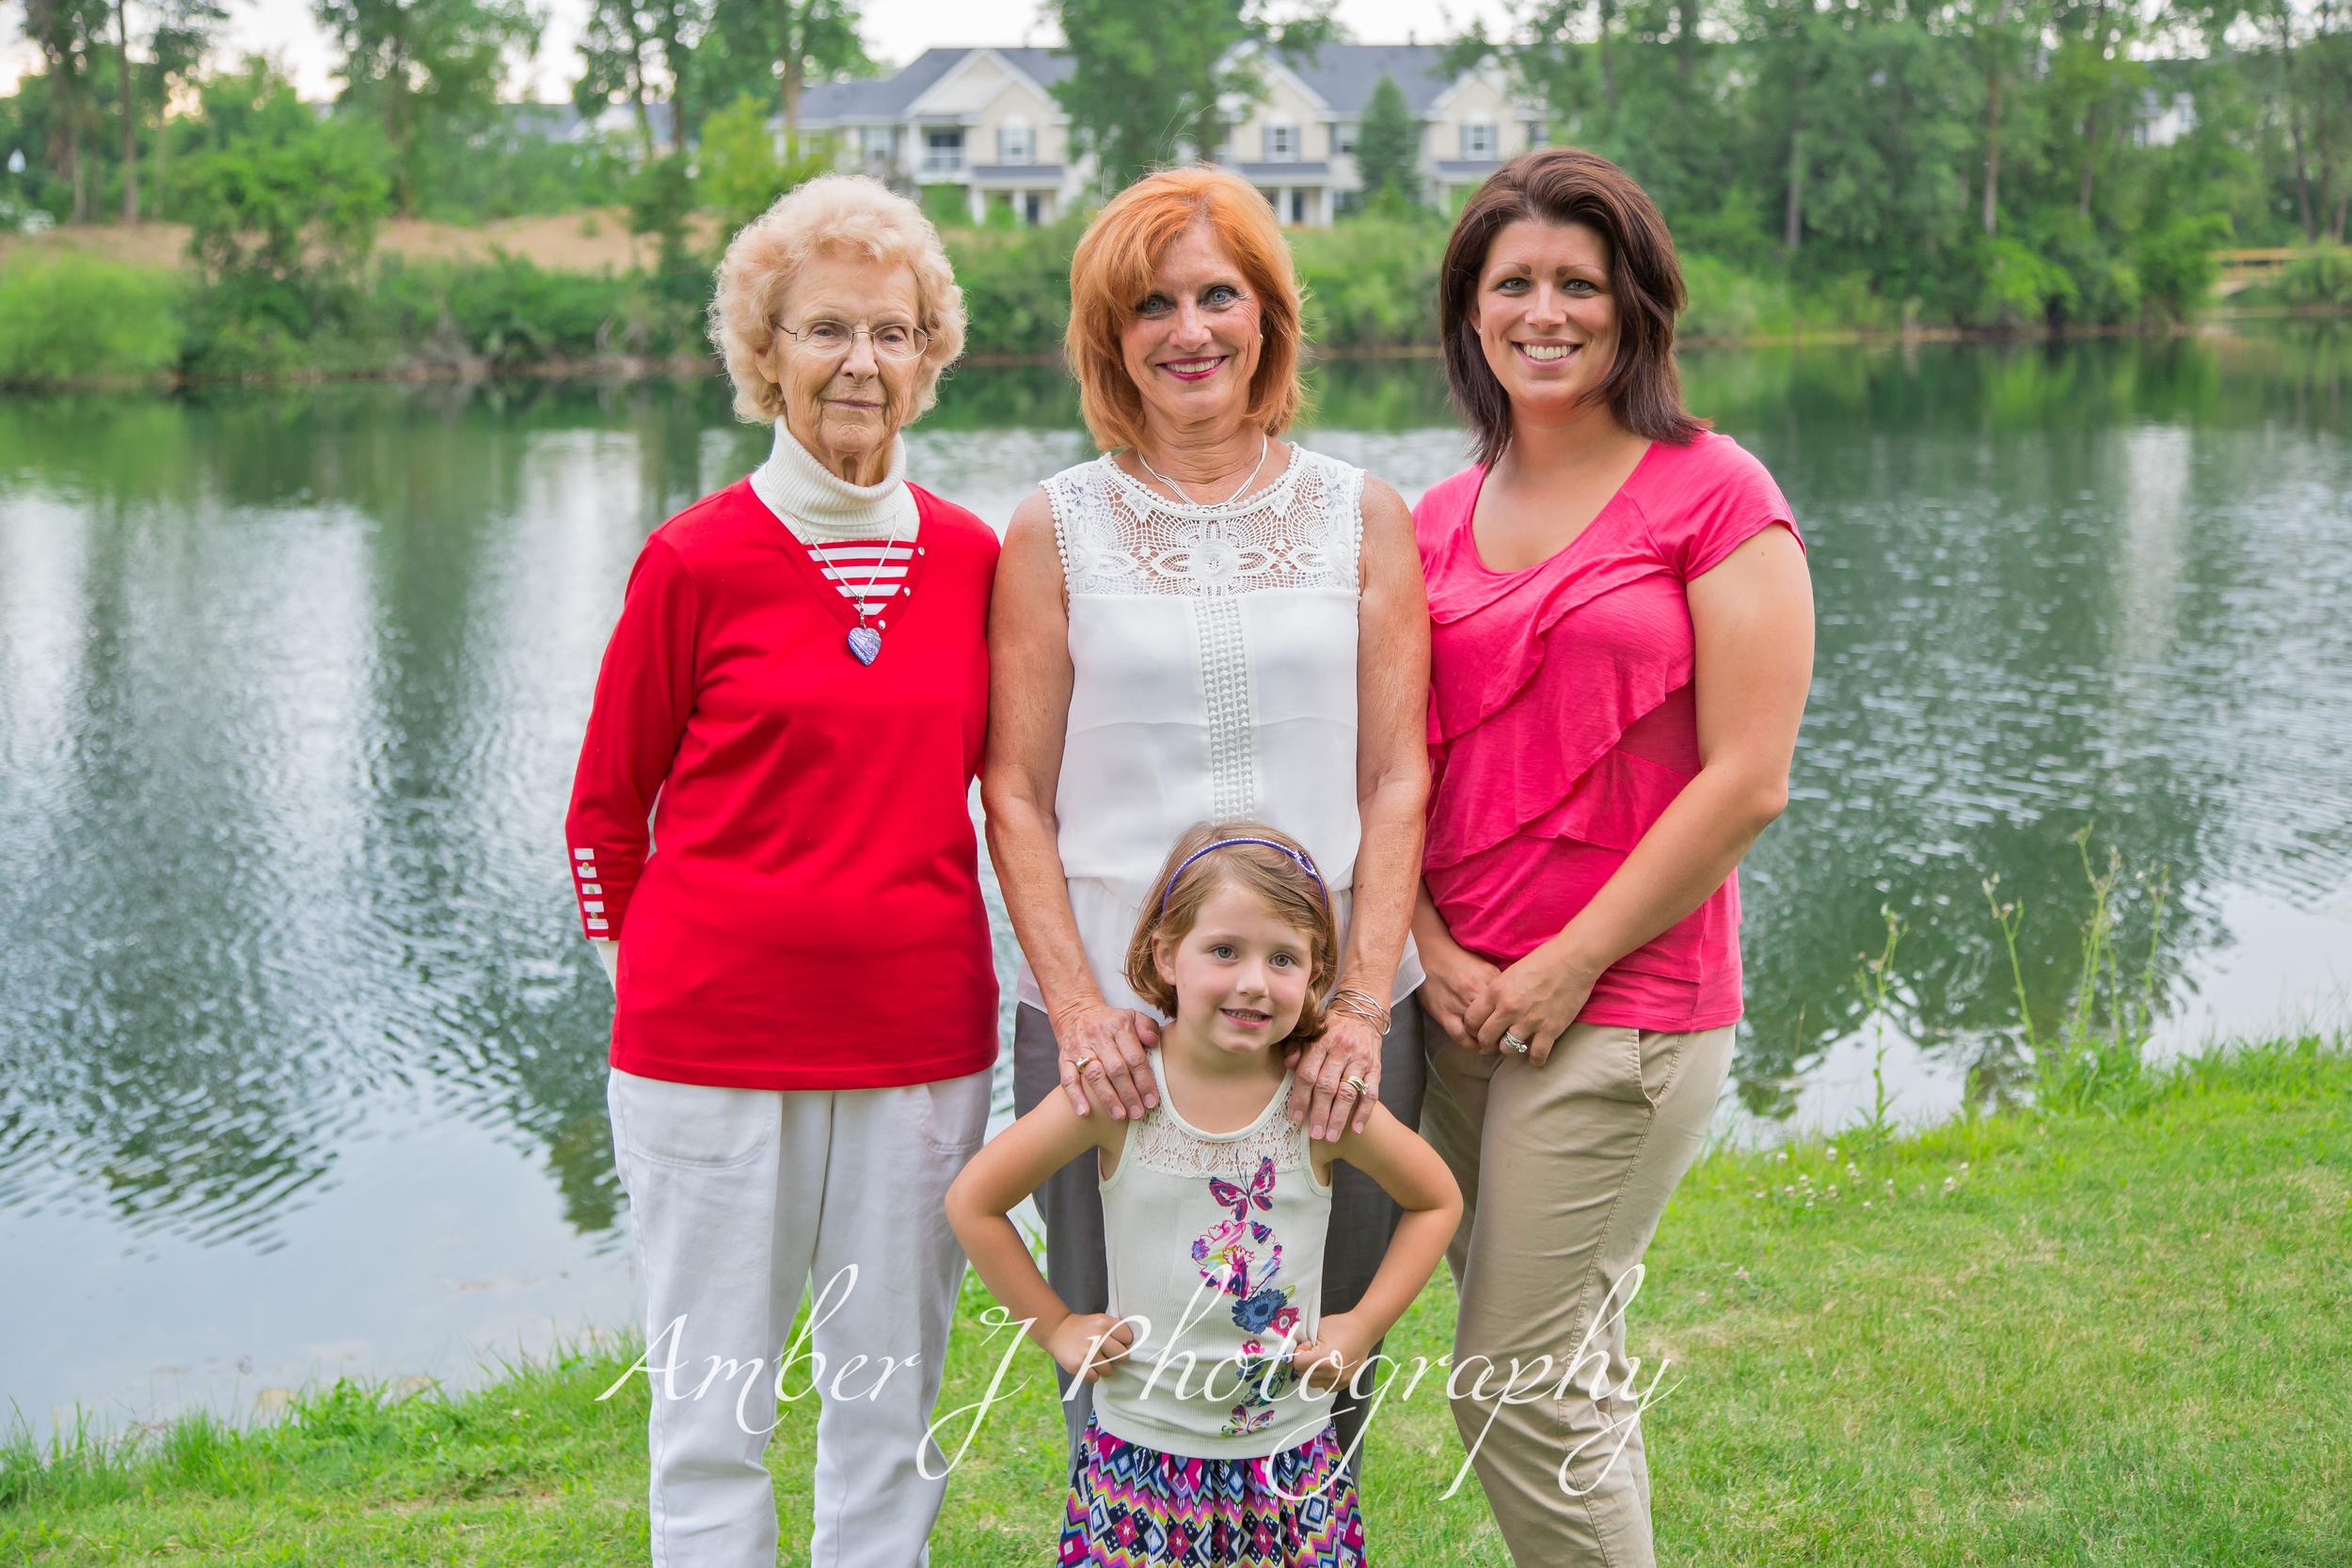 Burrfamily_amberjphotographyblog_10.jpg